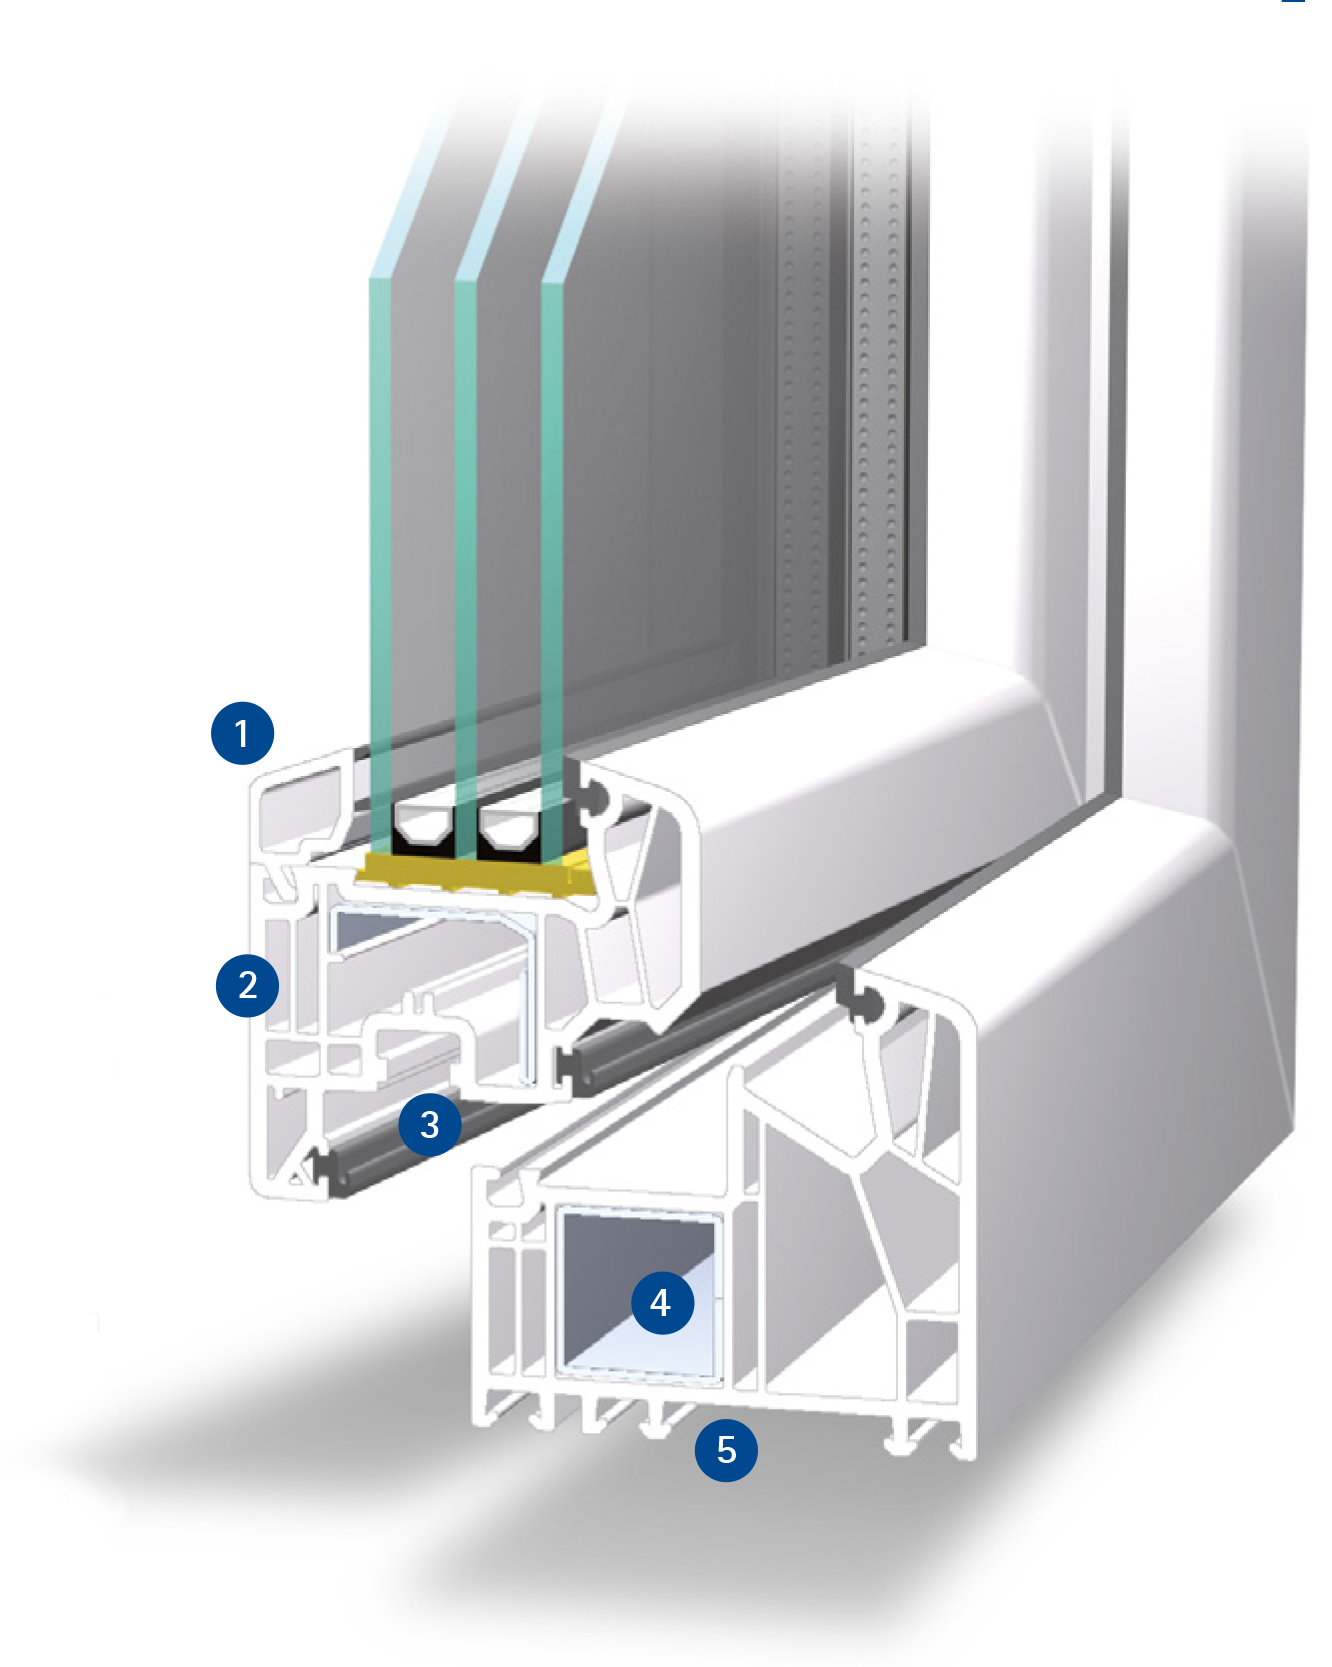 Atm fenster kunststofffenster mit vekaprofil alphaline 90 - Fenster schallschutzklasse 6 ...